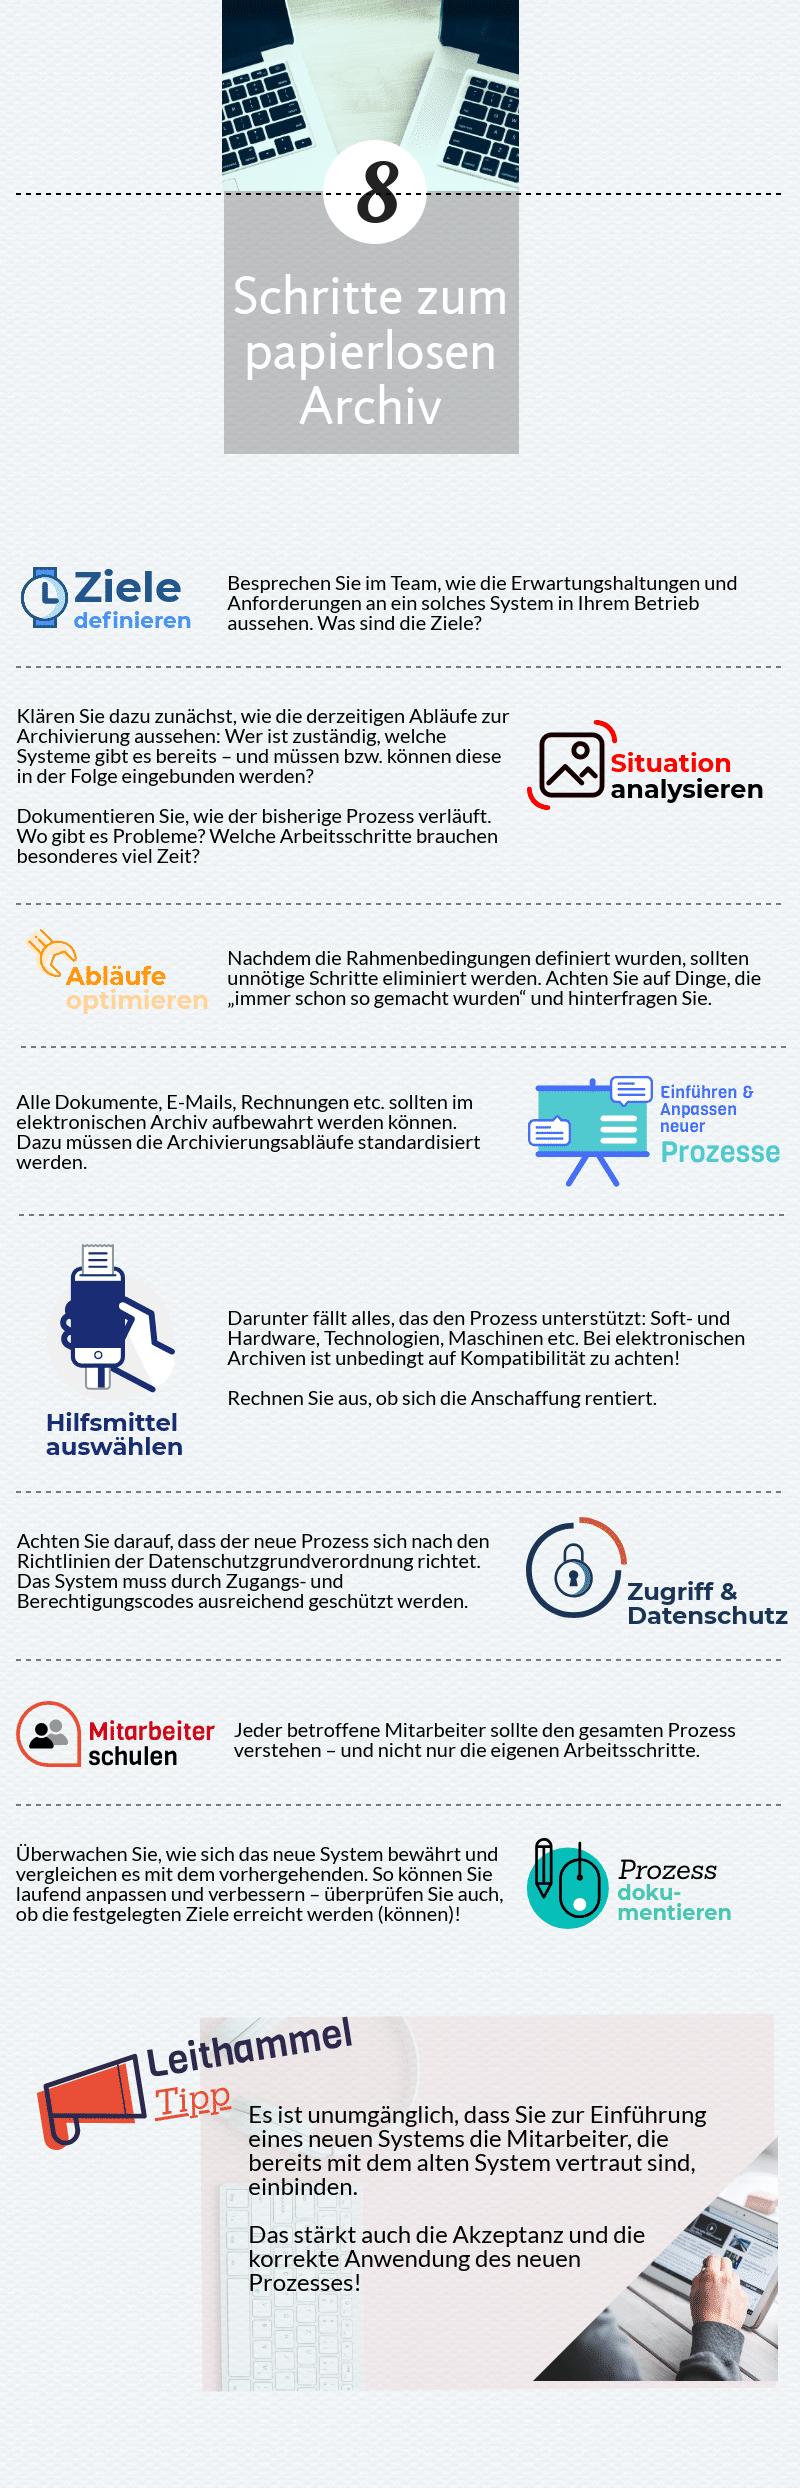 BAO Österreich, elektronische Buchführung, elektronische Archivierung, Buchhaltung, Aufbewahrungsfristen Österreich, Digitalisierung, Was ist digitale Buchführung, Archiv, Prozess, Arbeitsschritte, einführen